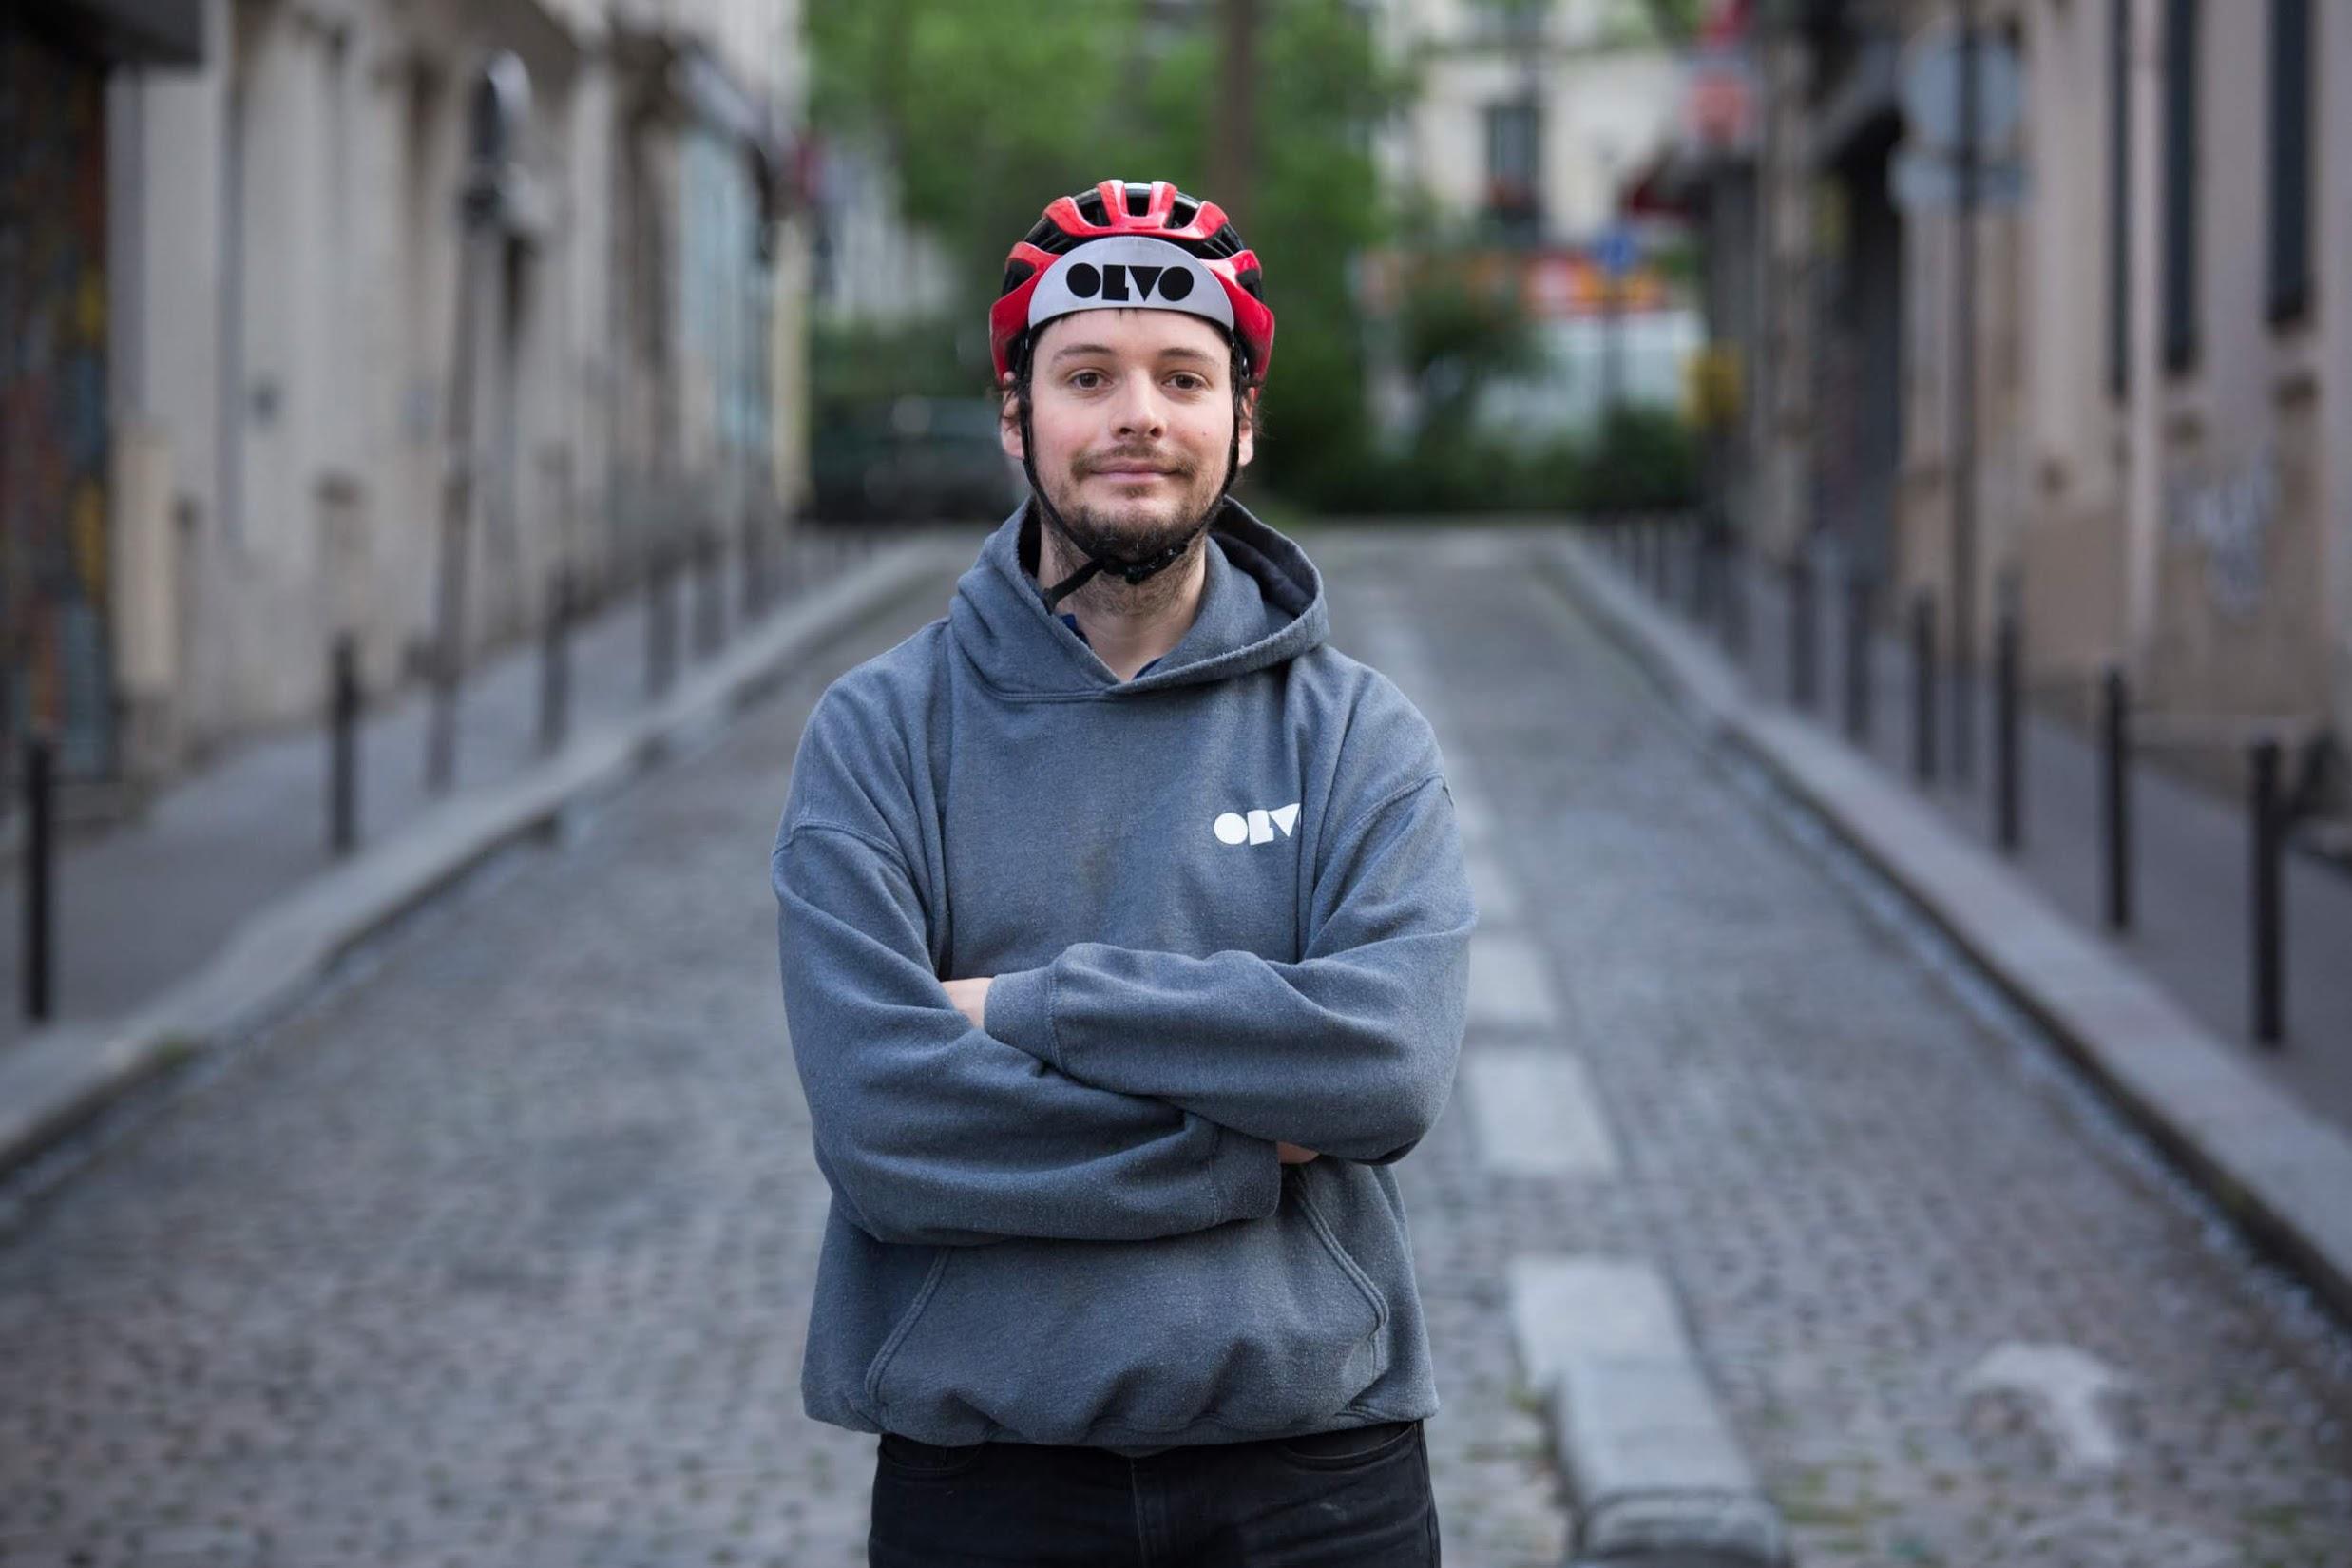 Martin Malzieu ,livreur et directeur d'exploitation pour la société Olvo Distribution ,